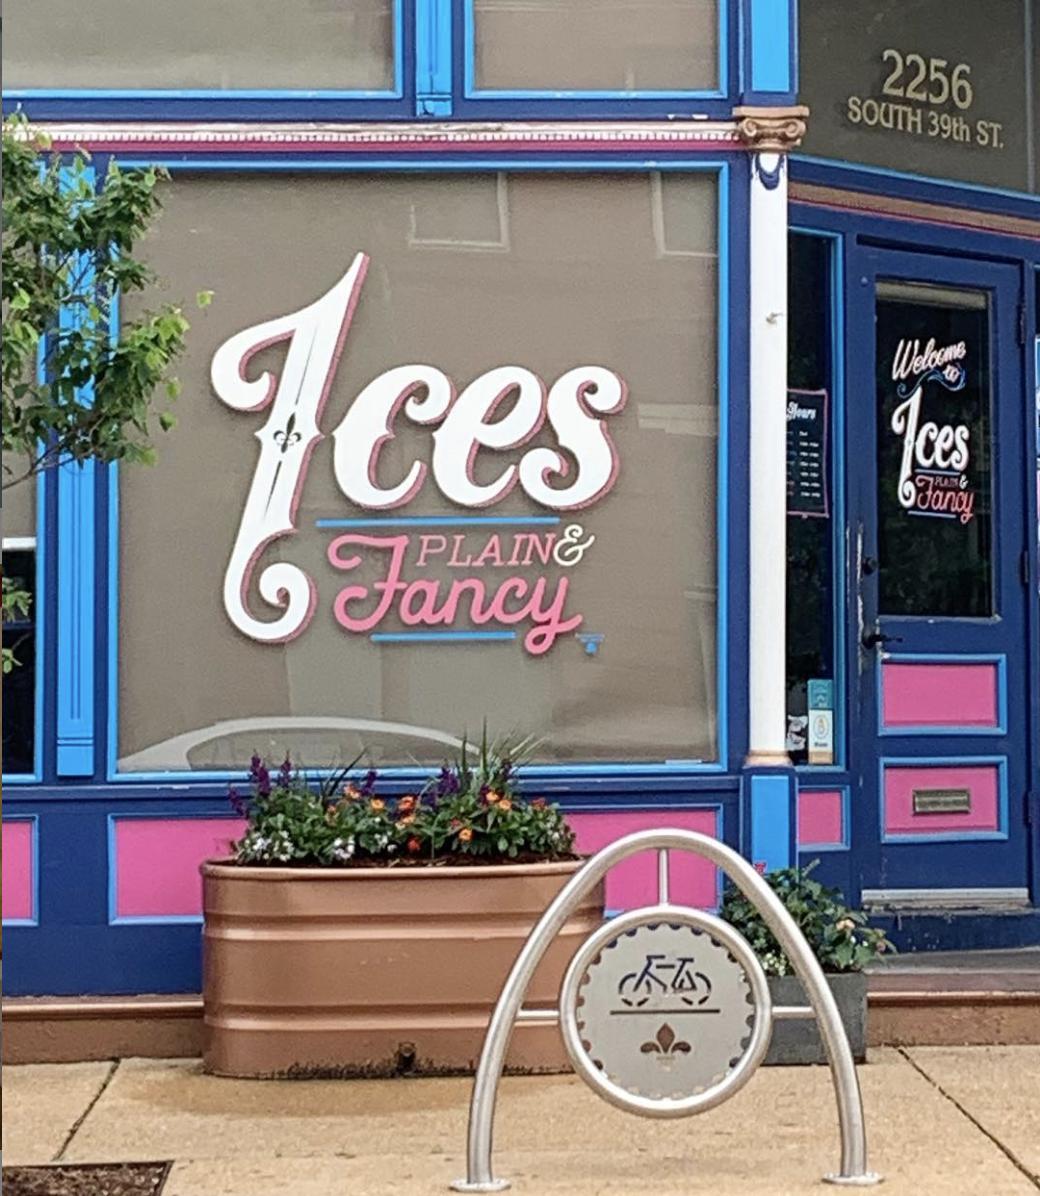 ICES PLAIN & FANCY